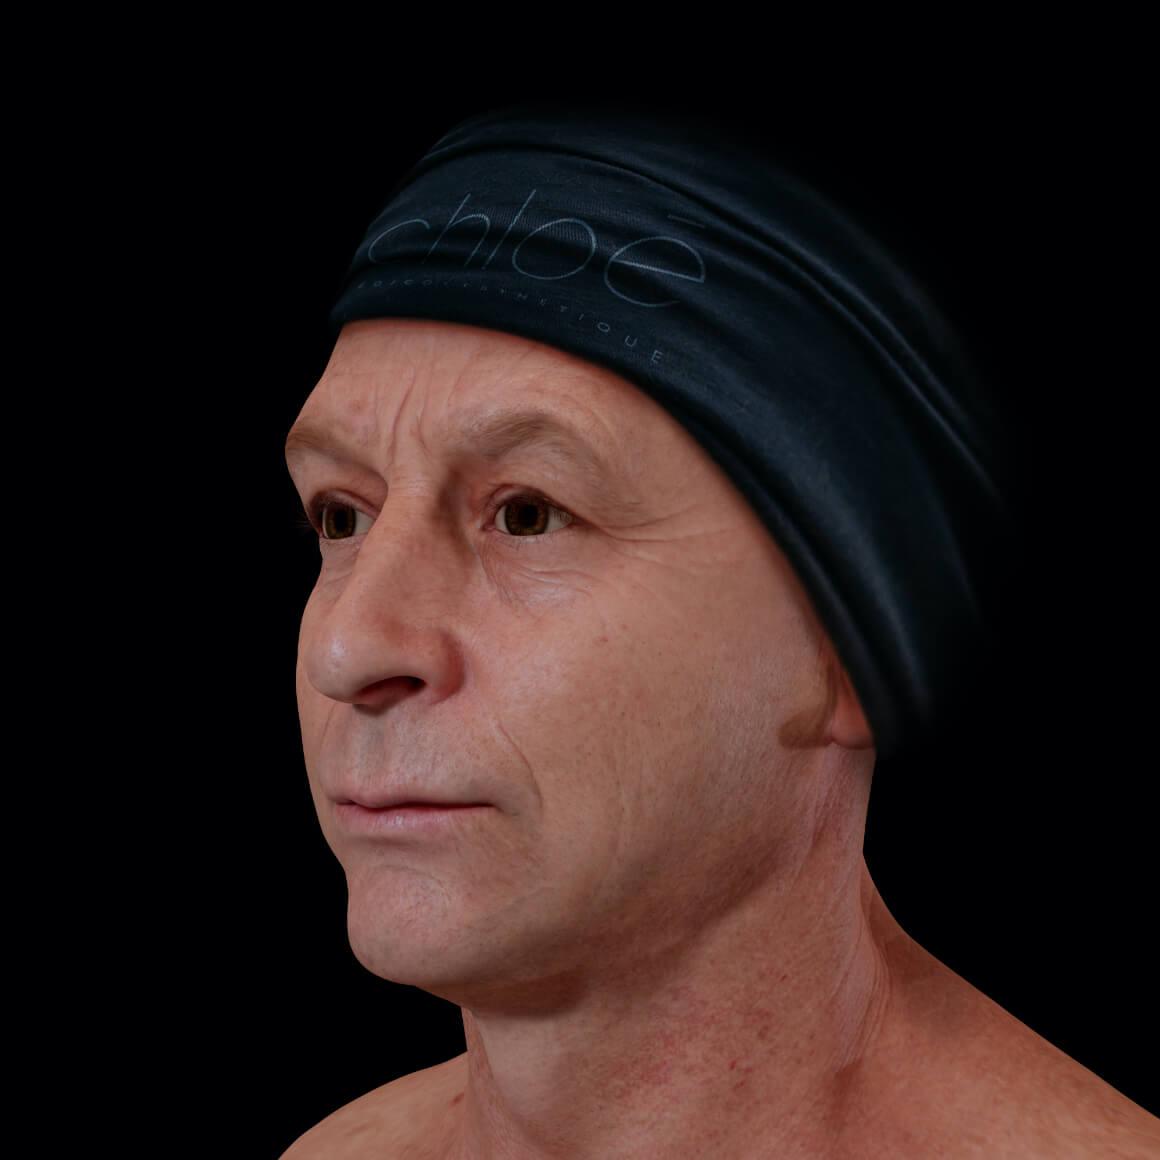 Patient de la Clinique Chloé vu en angle après des traitements au laser fractionné pour le relâchement cutané du visage